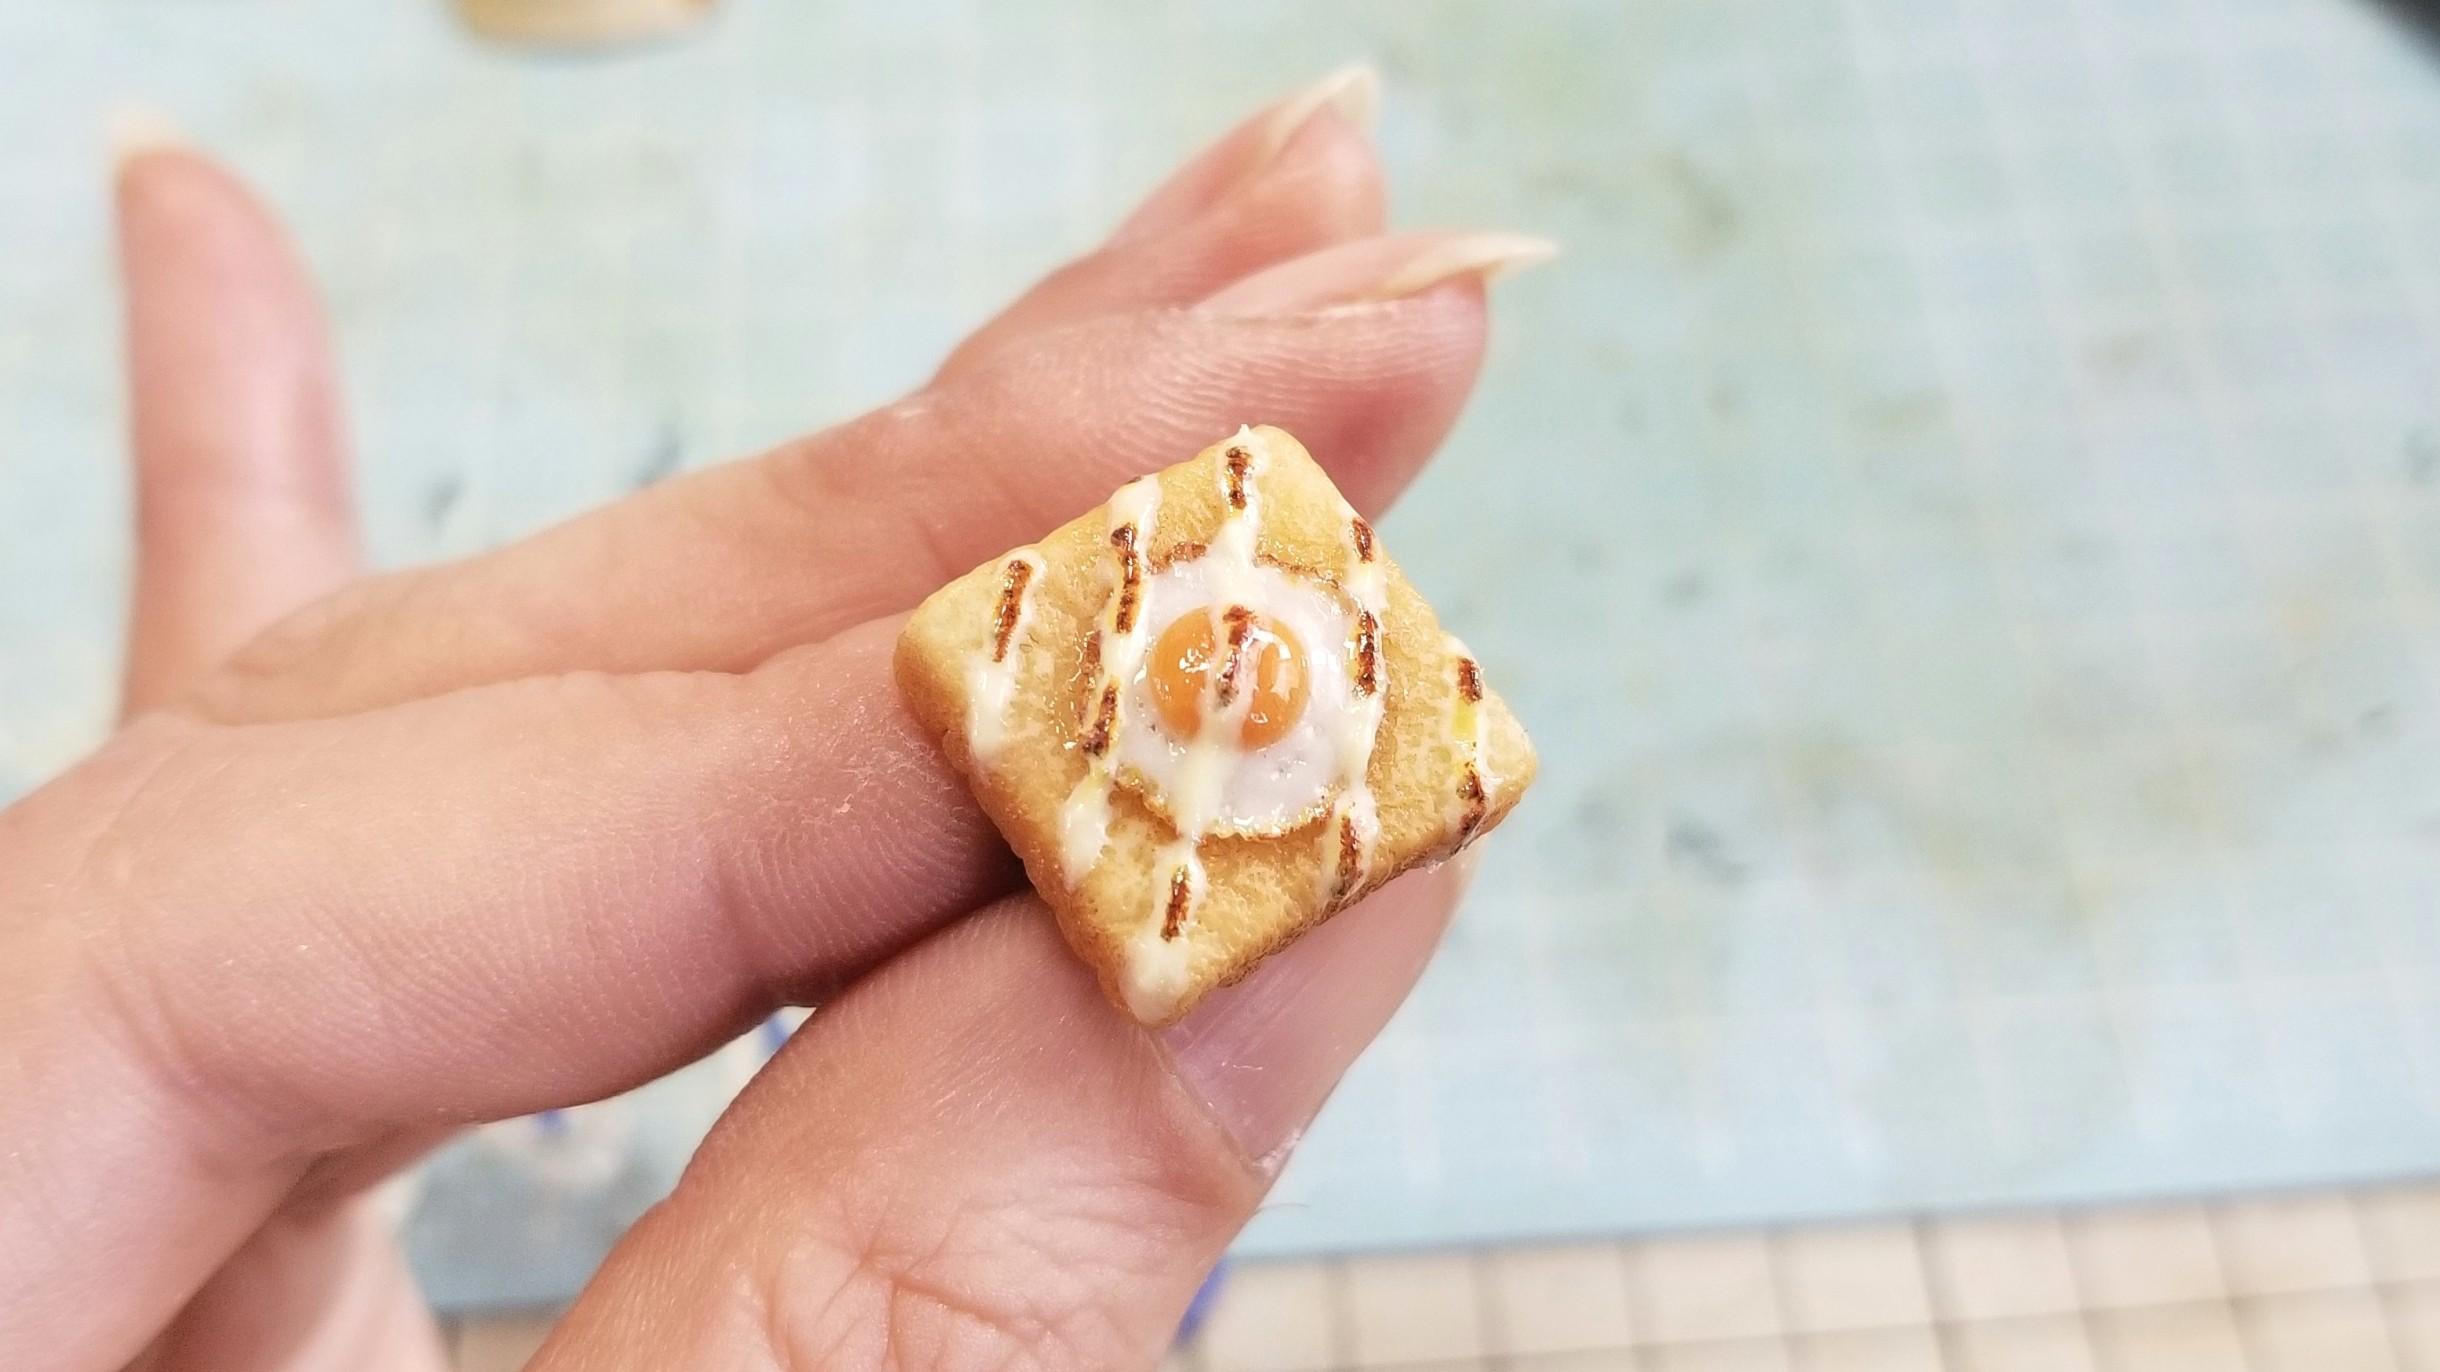 ミニチュアフードのラピュタパン,目玉焼きトースト,ハンドメイド小物